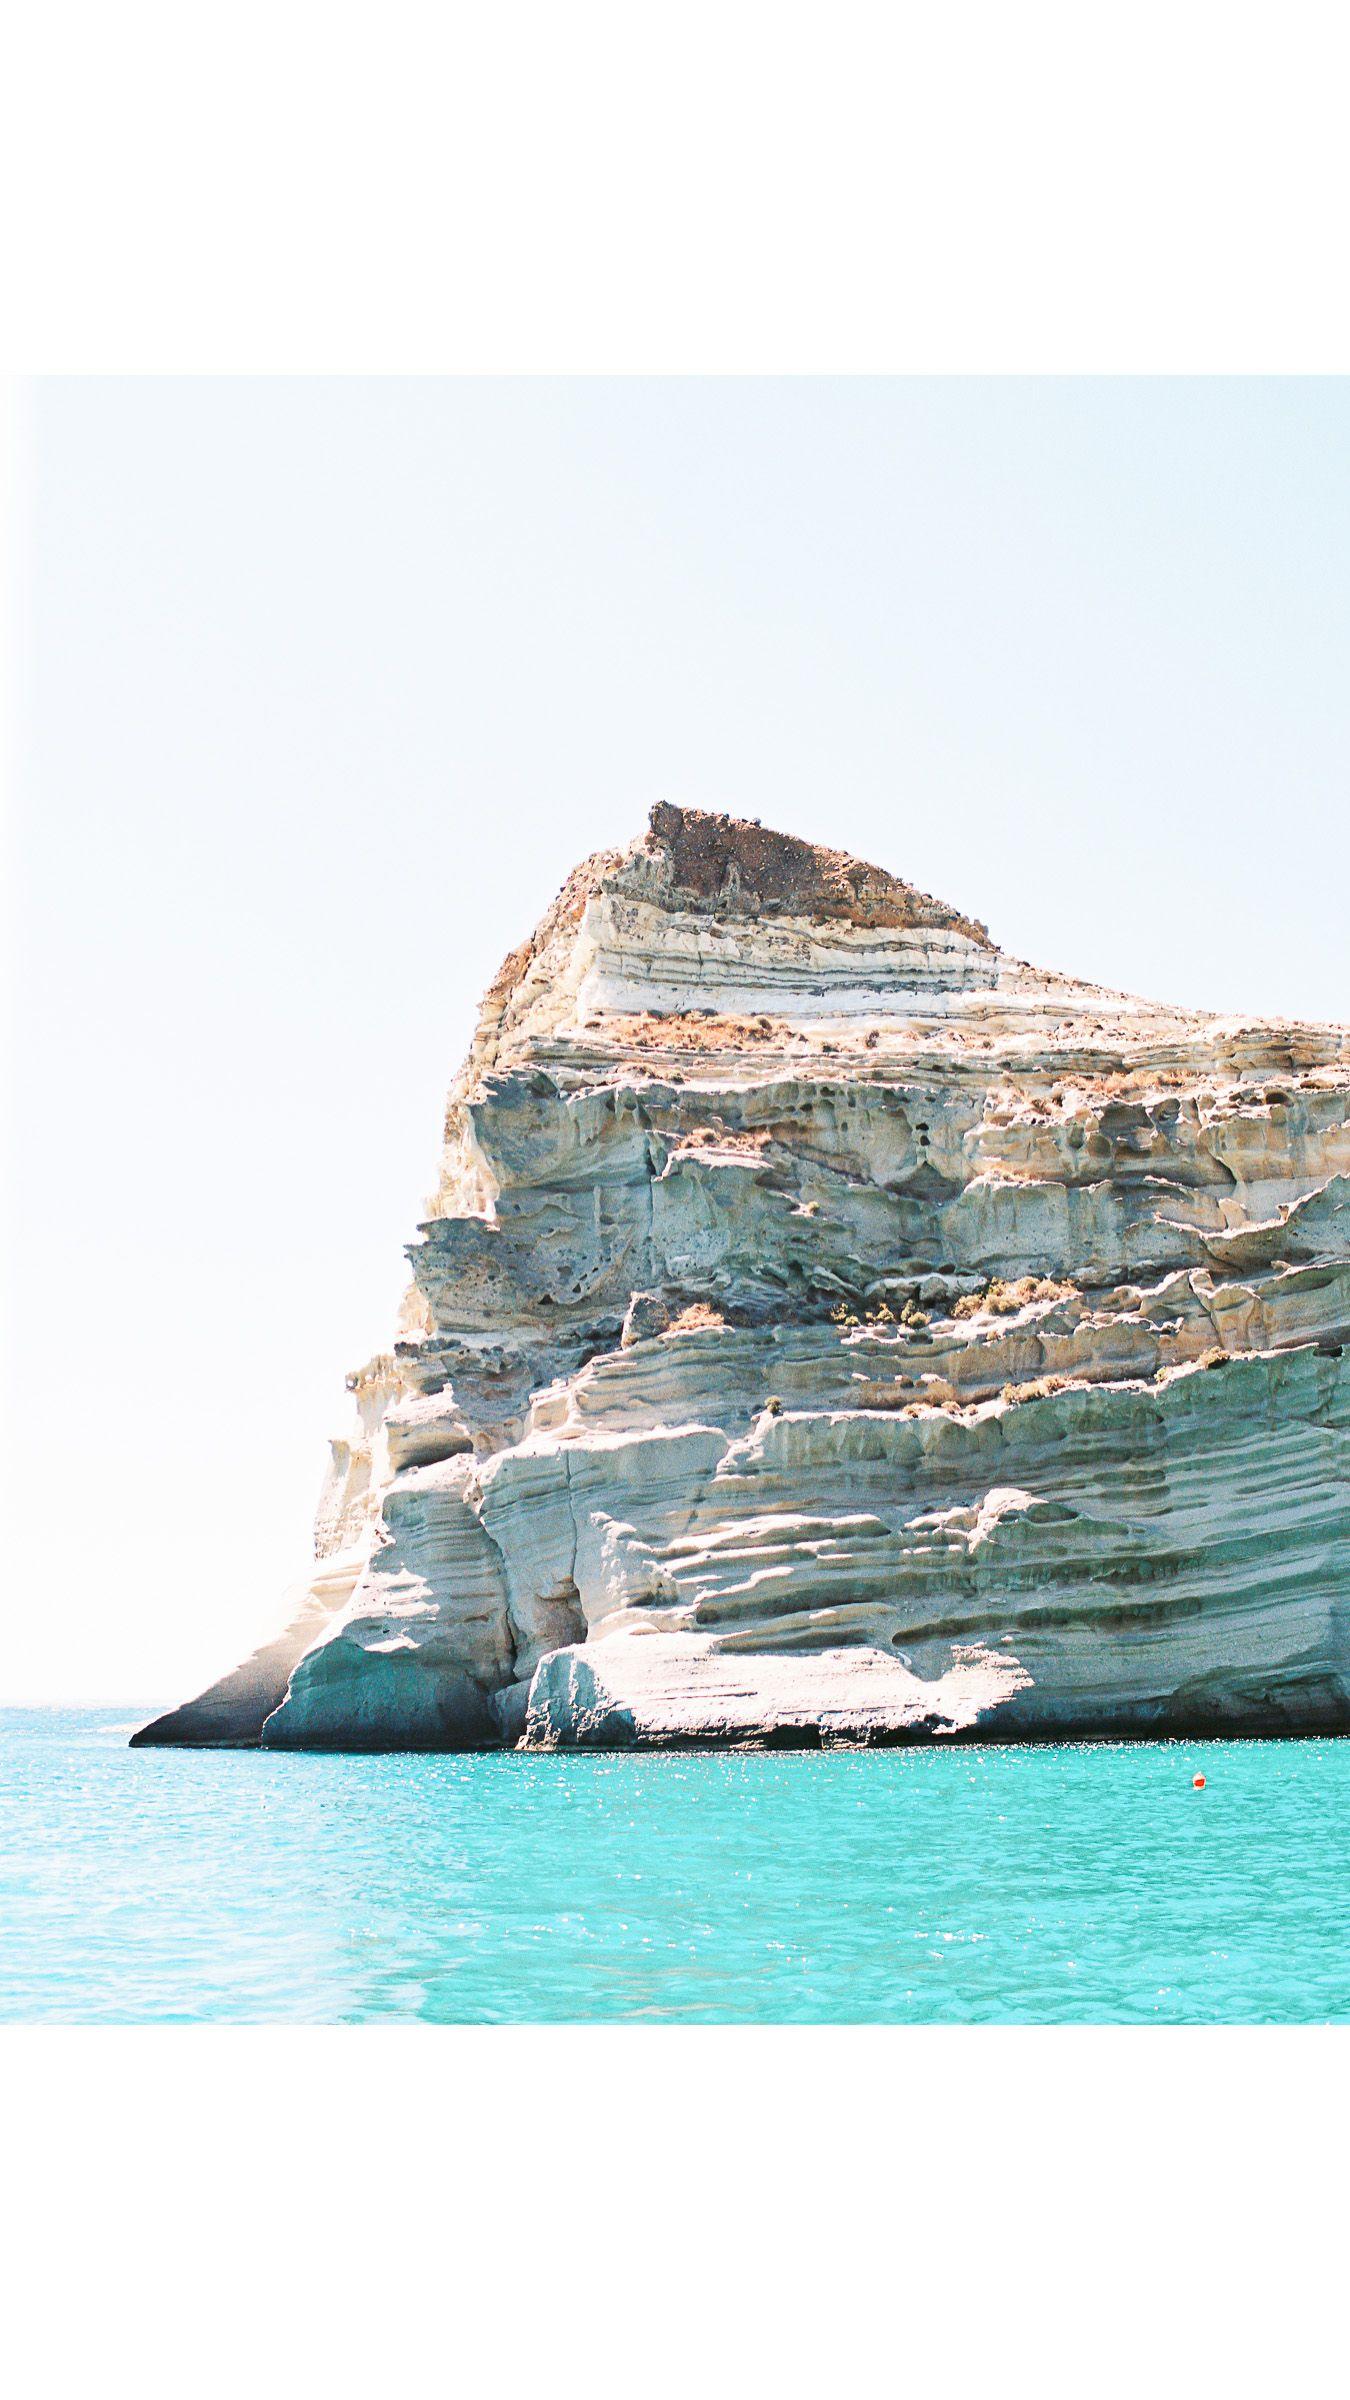 Milos Greece #aegeansea